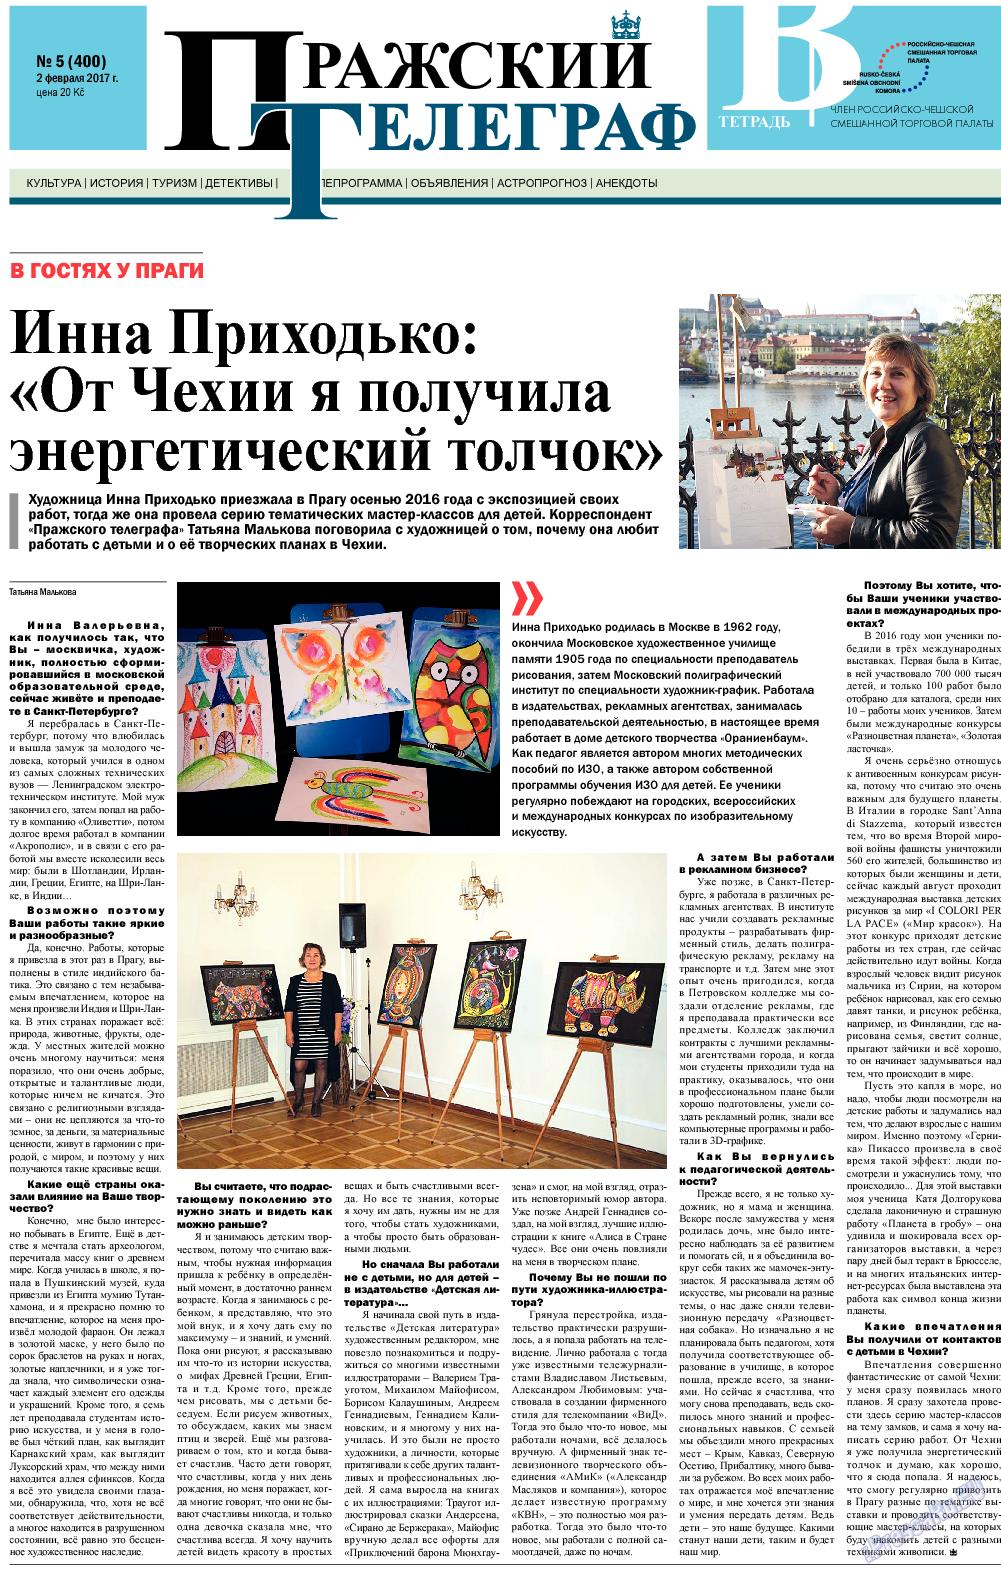 Пражский телеграф (газета). 2017 год, номер 5, стр. 9